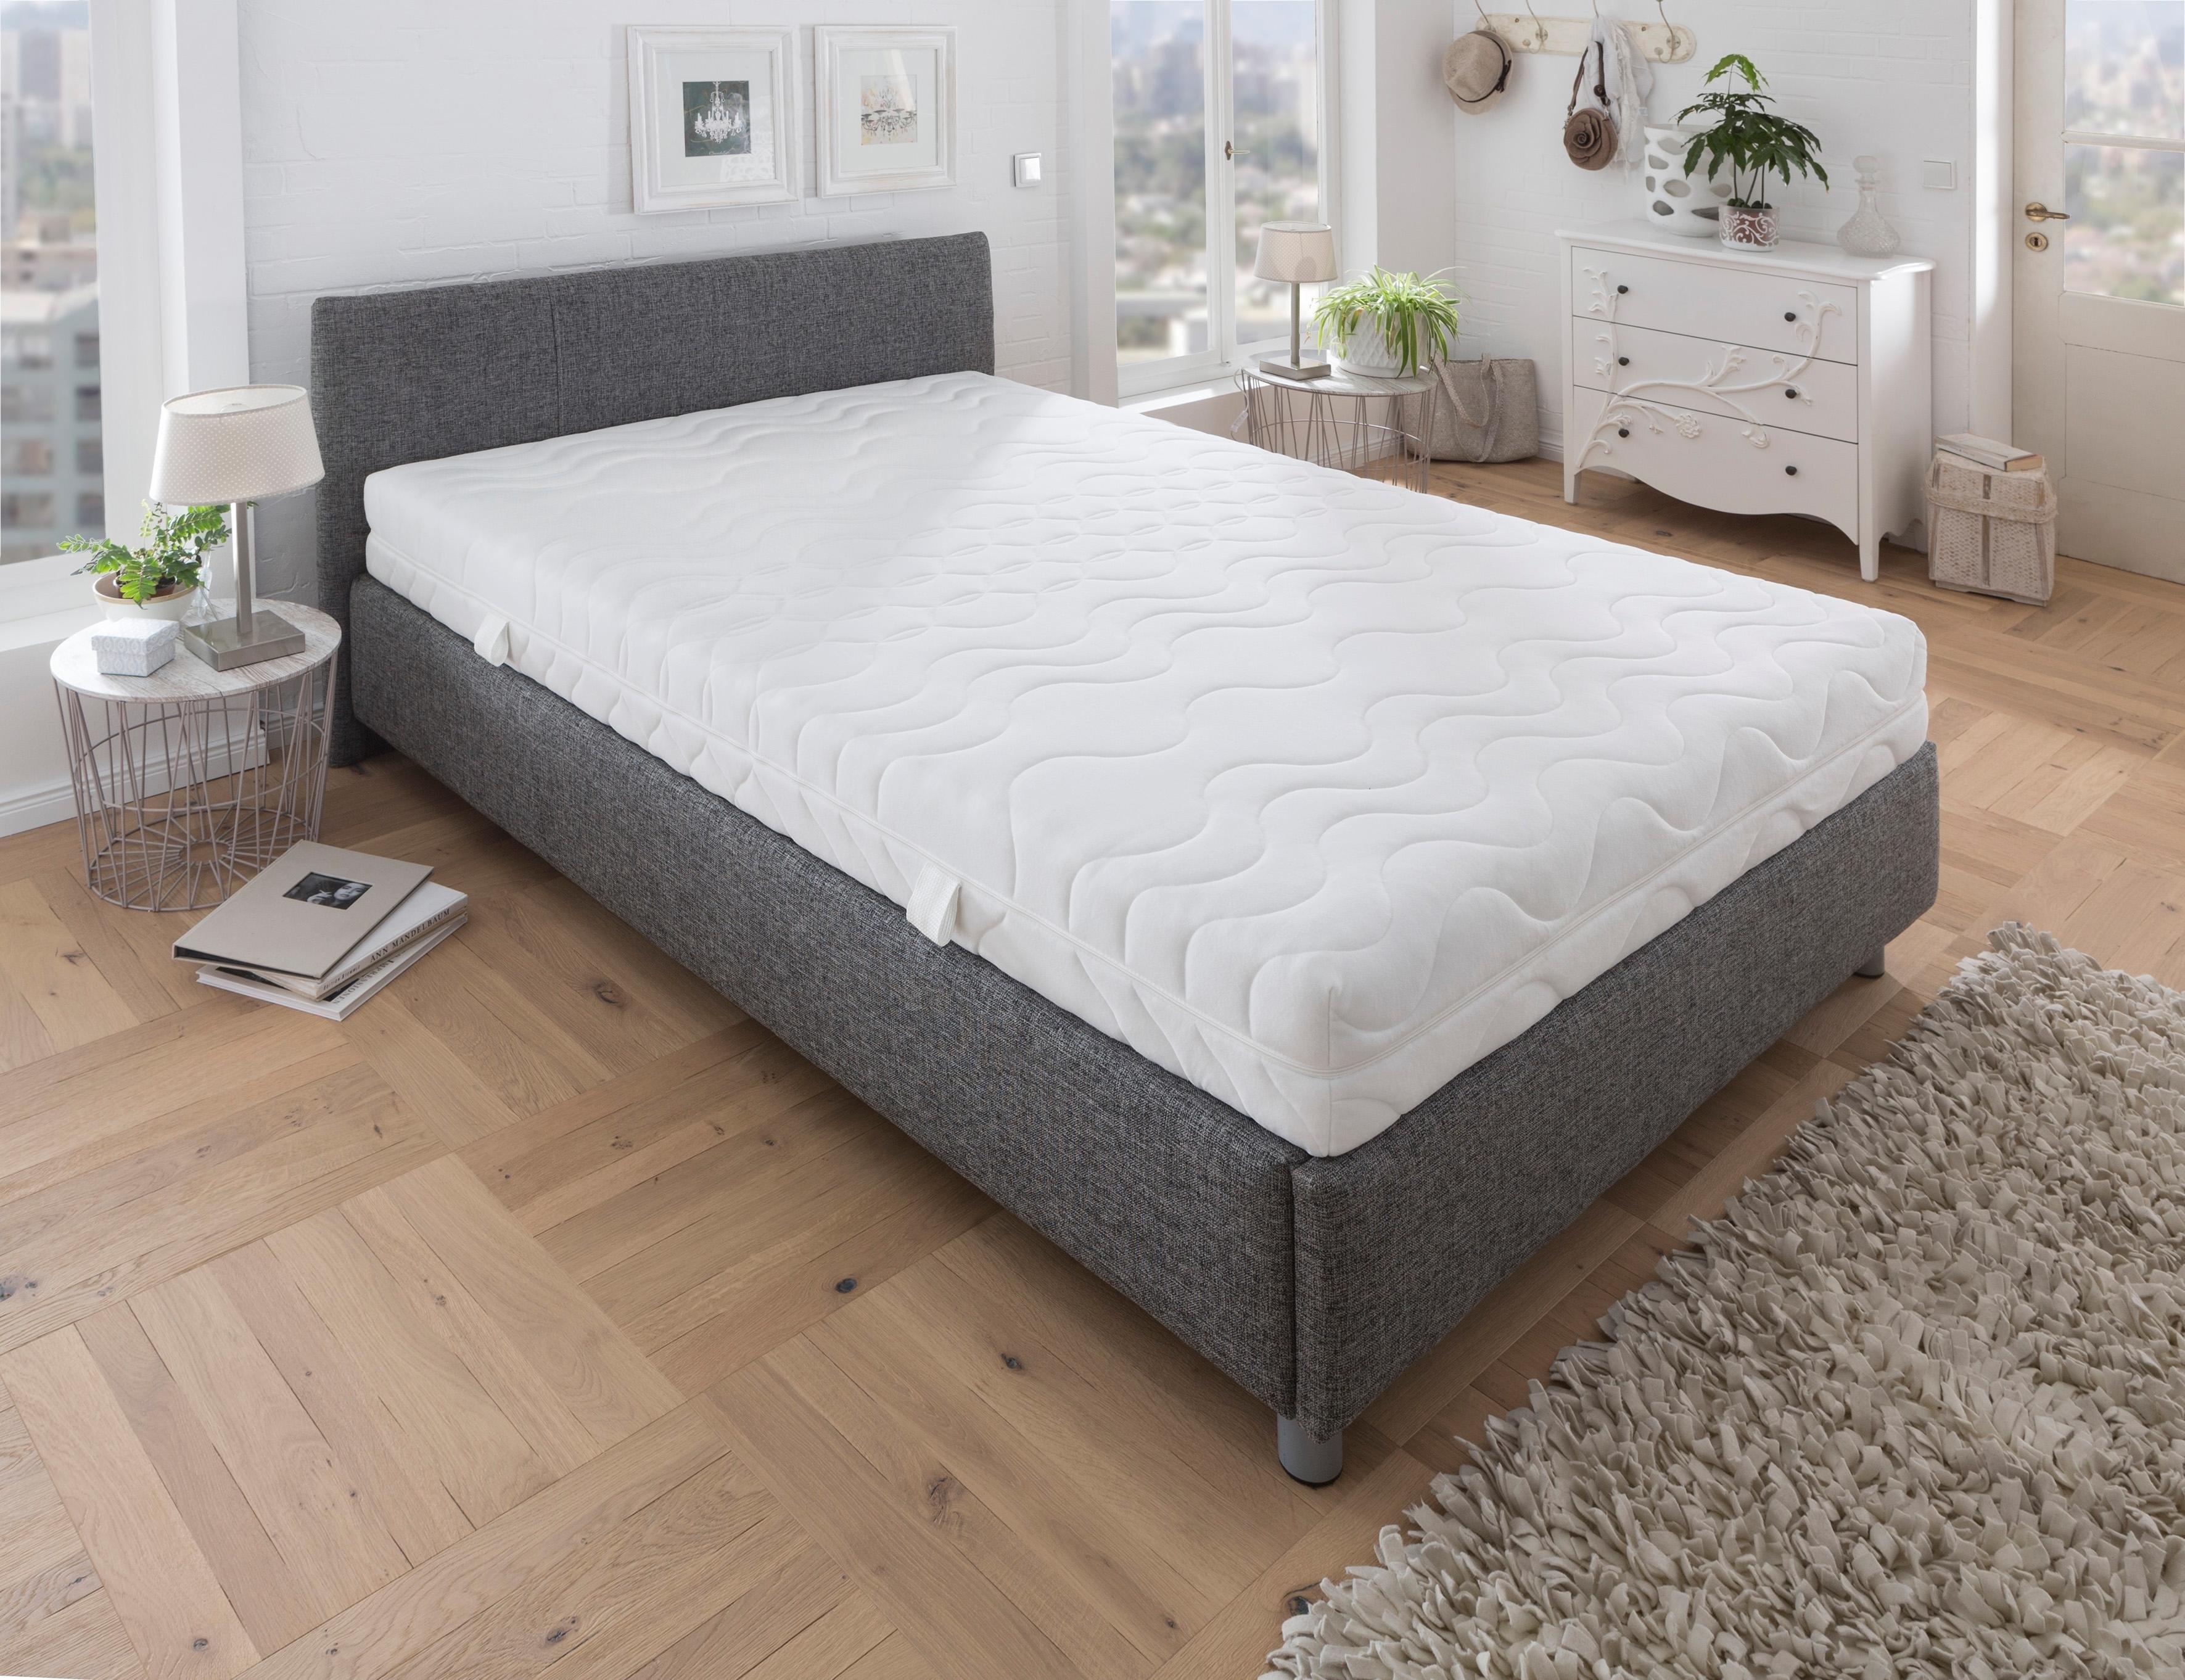 Beco Comfortschuimmatras »Delux«, 18 cm dik, dichtheid: 28 goedkoop op otto.nl kopen